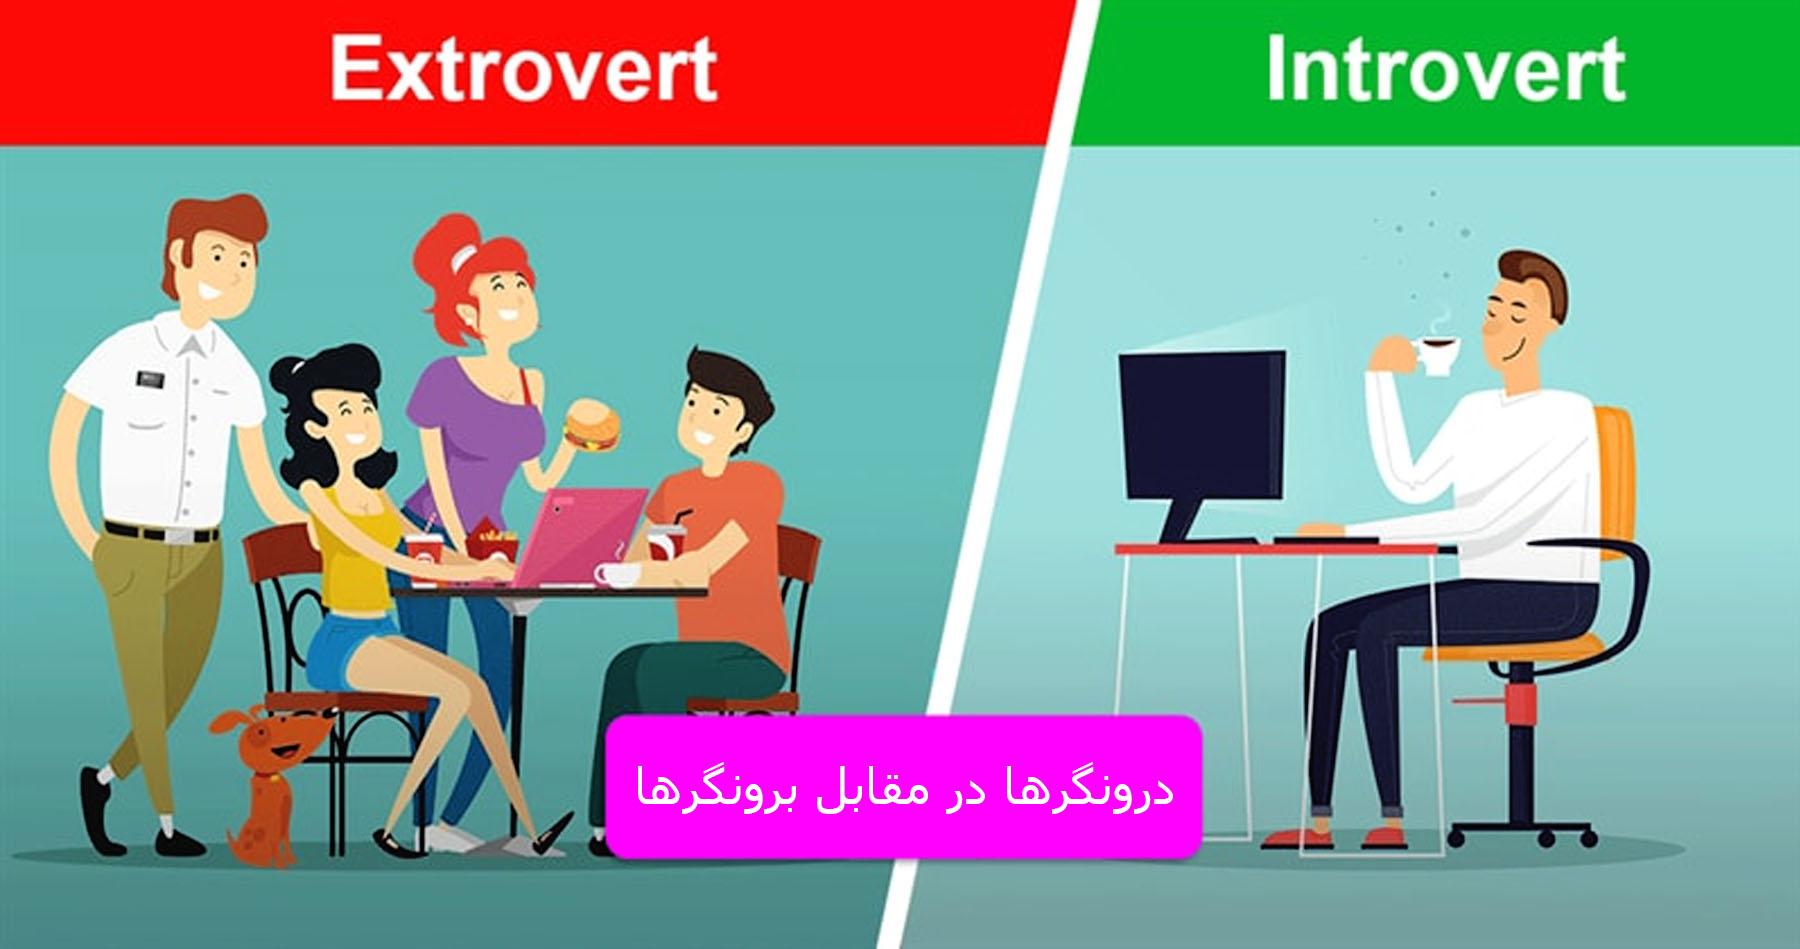 تصویر از درونگراها در مقابل برونگراها، چگونه ویژگی های شخصیتی بر کار در خانه تاثیر می گذارد؟